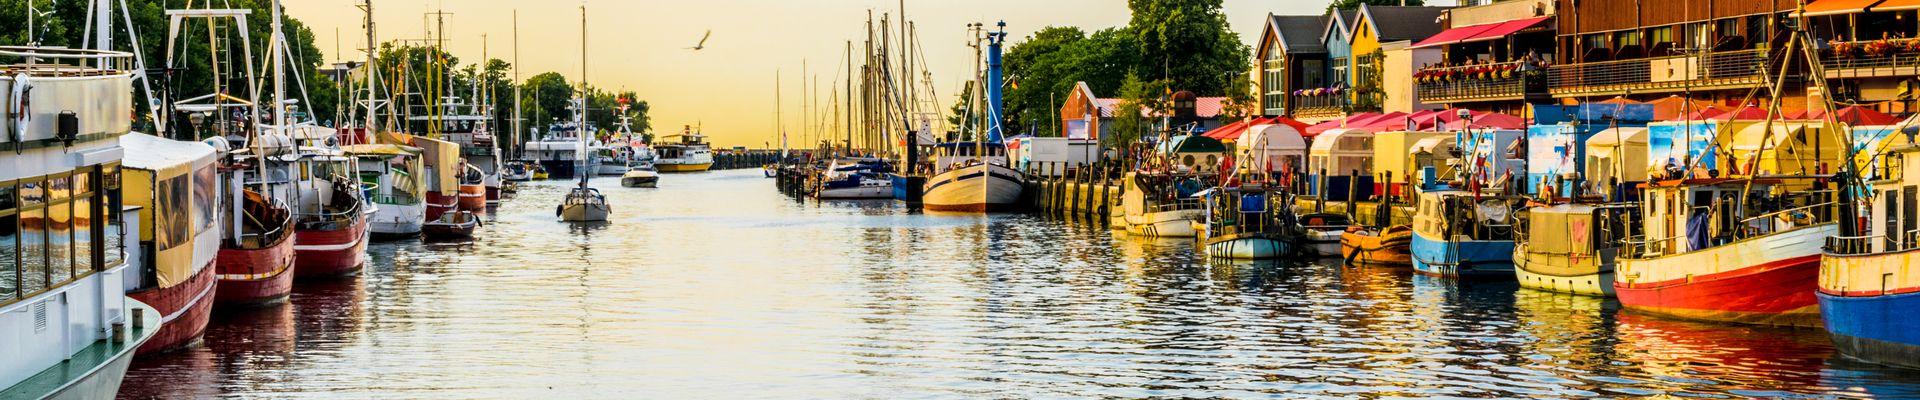 Kurzurlaub in Rostock